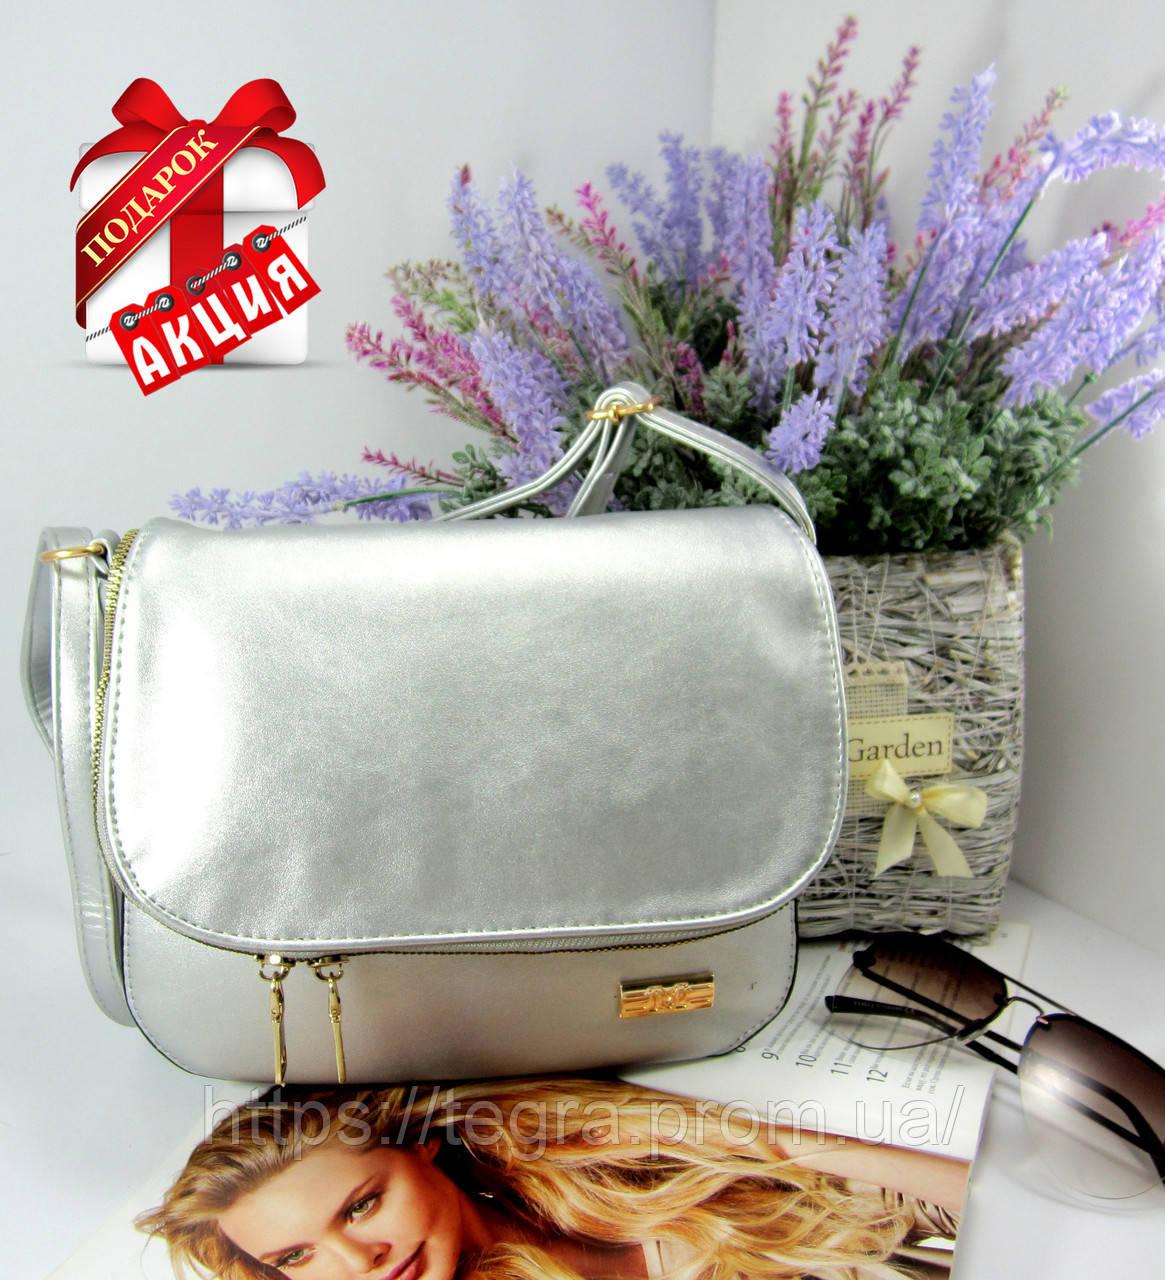 e04969007d8d Женская сумка серебристая f-708, цена 326,19 грн., купить в Одессе ...